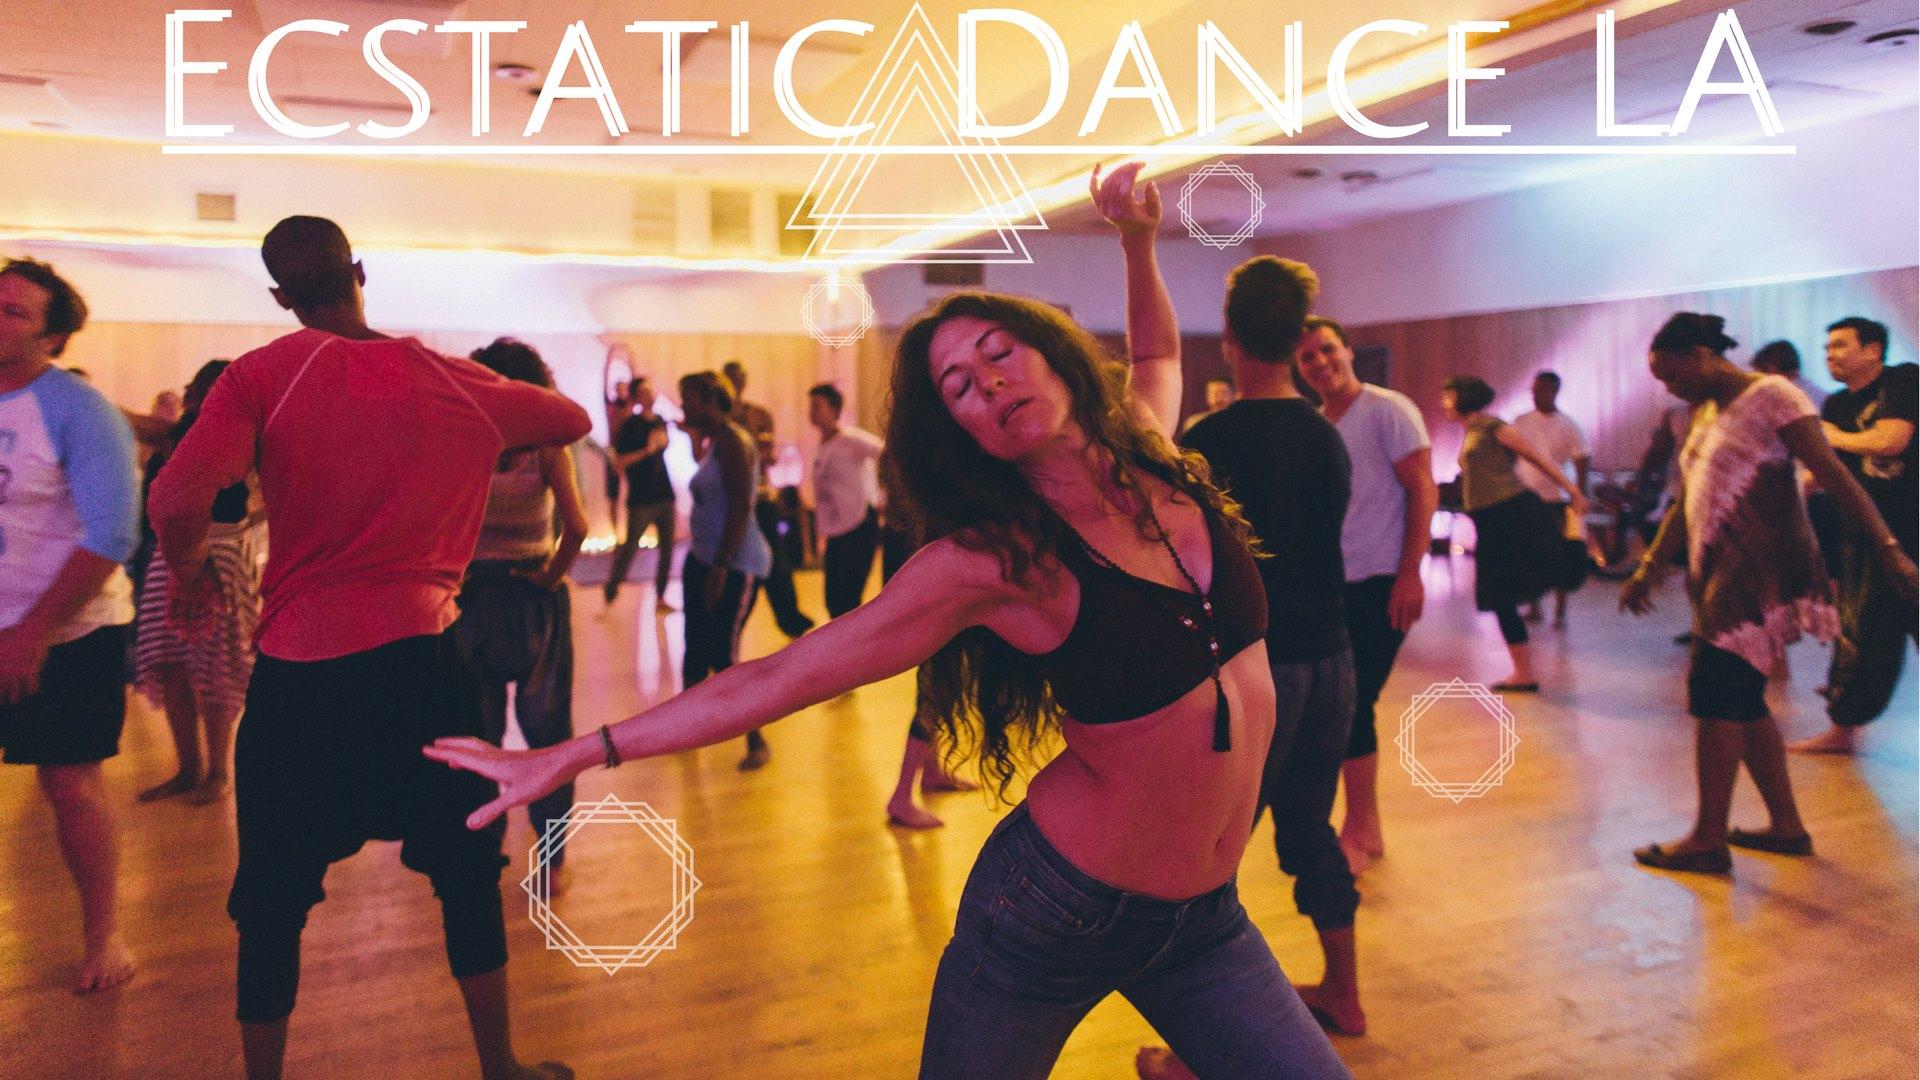 Ecstatic_dance_la_pic